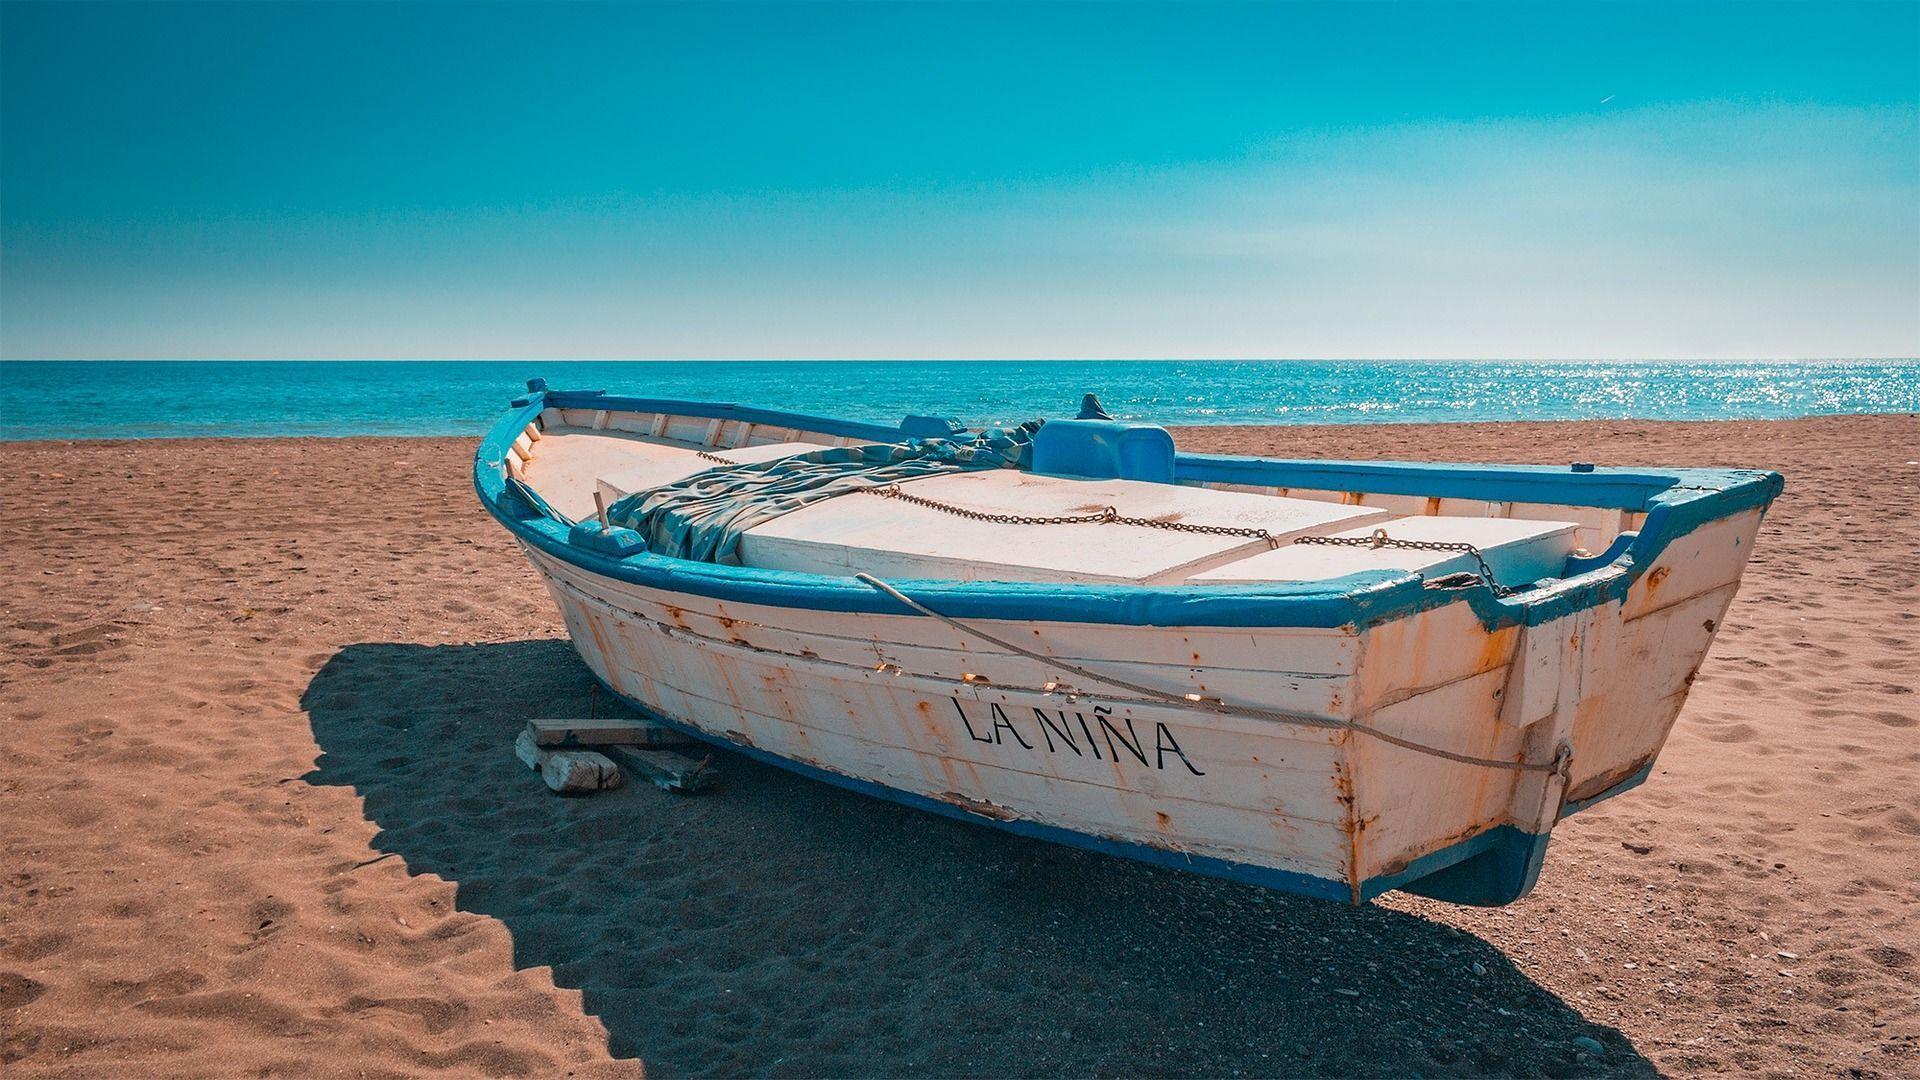 Іспанія, море, пляж, човен